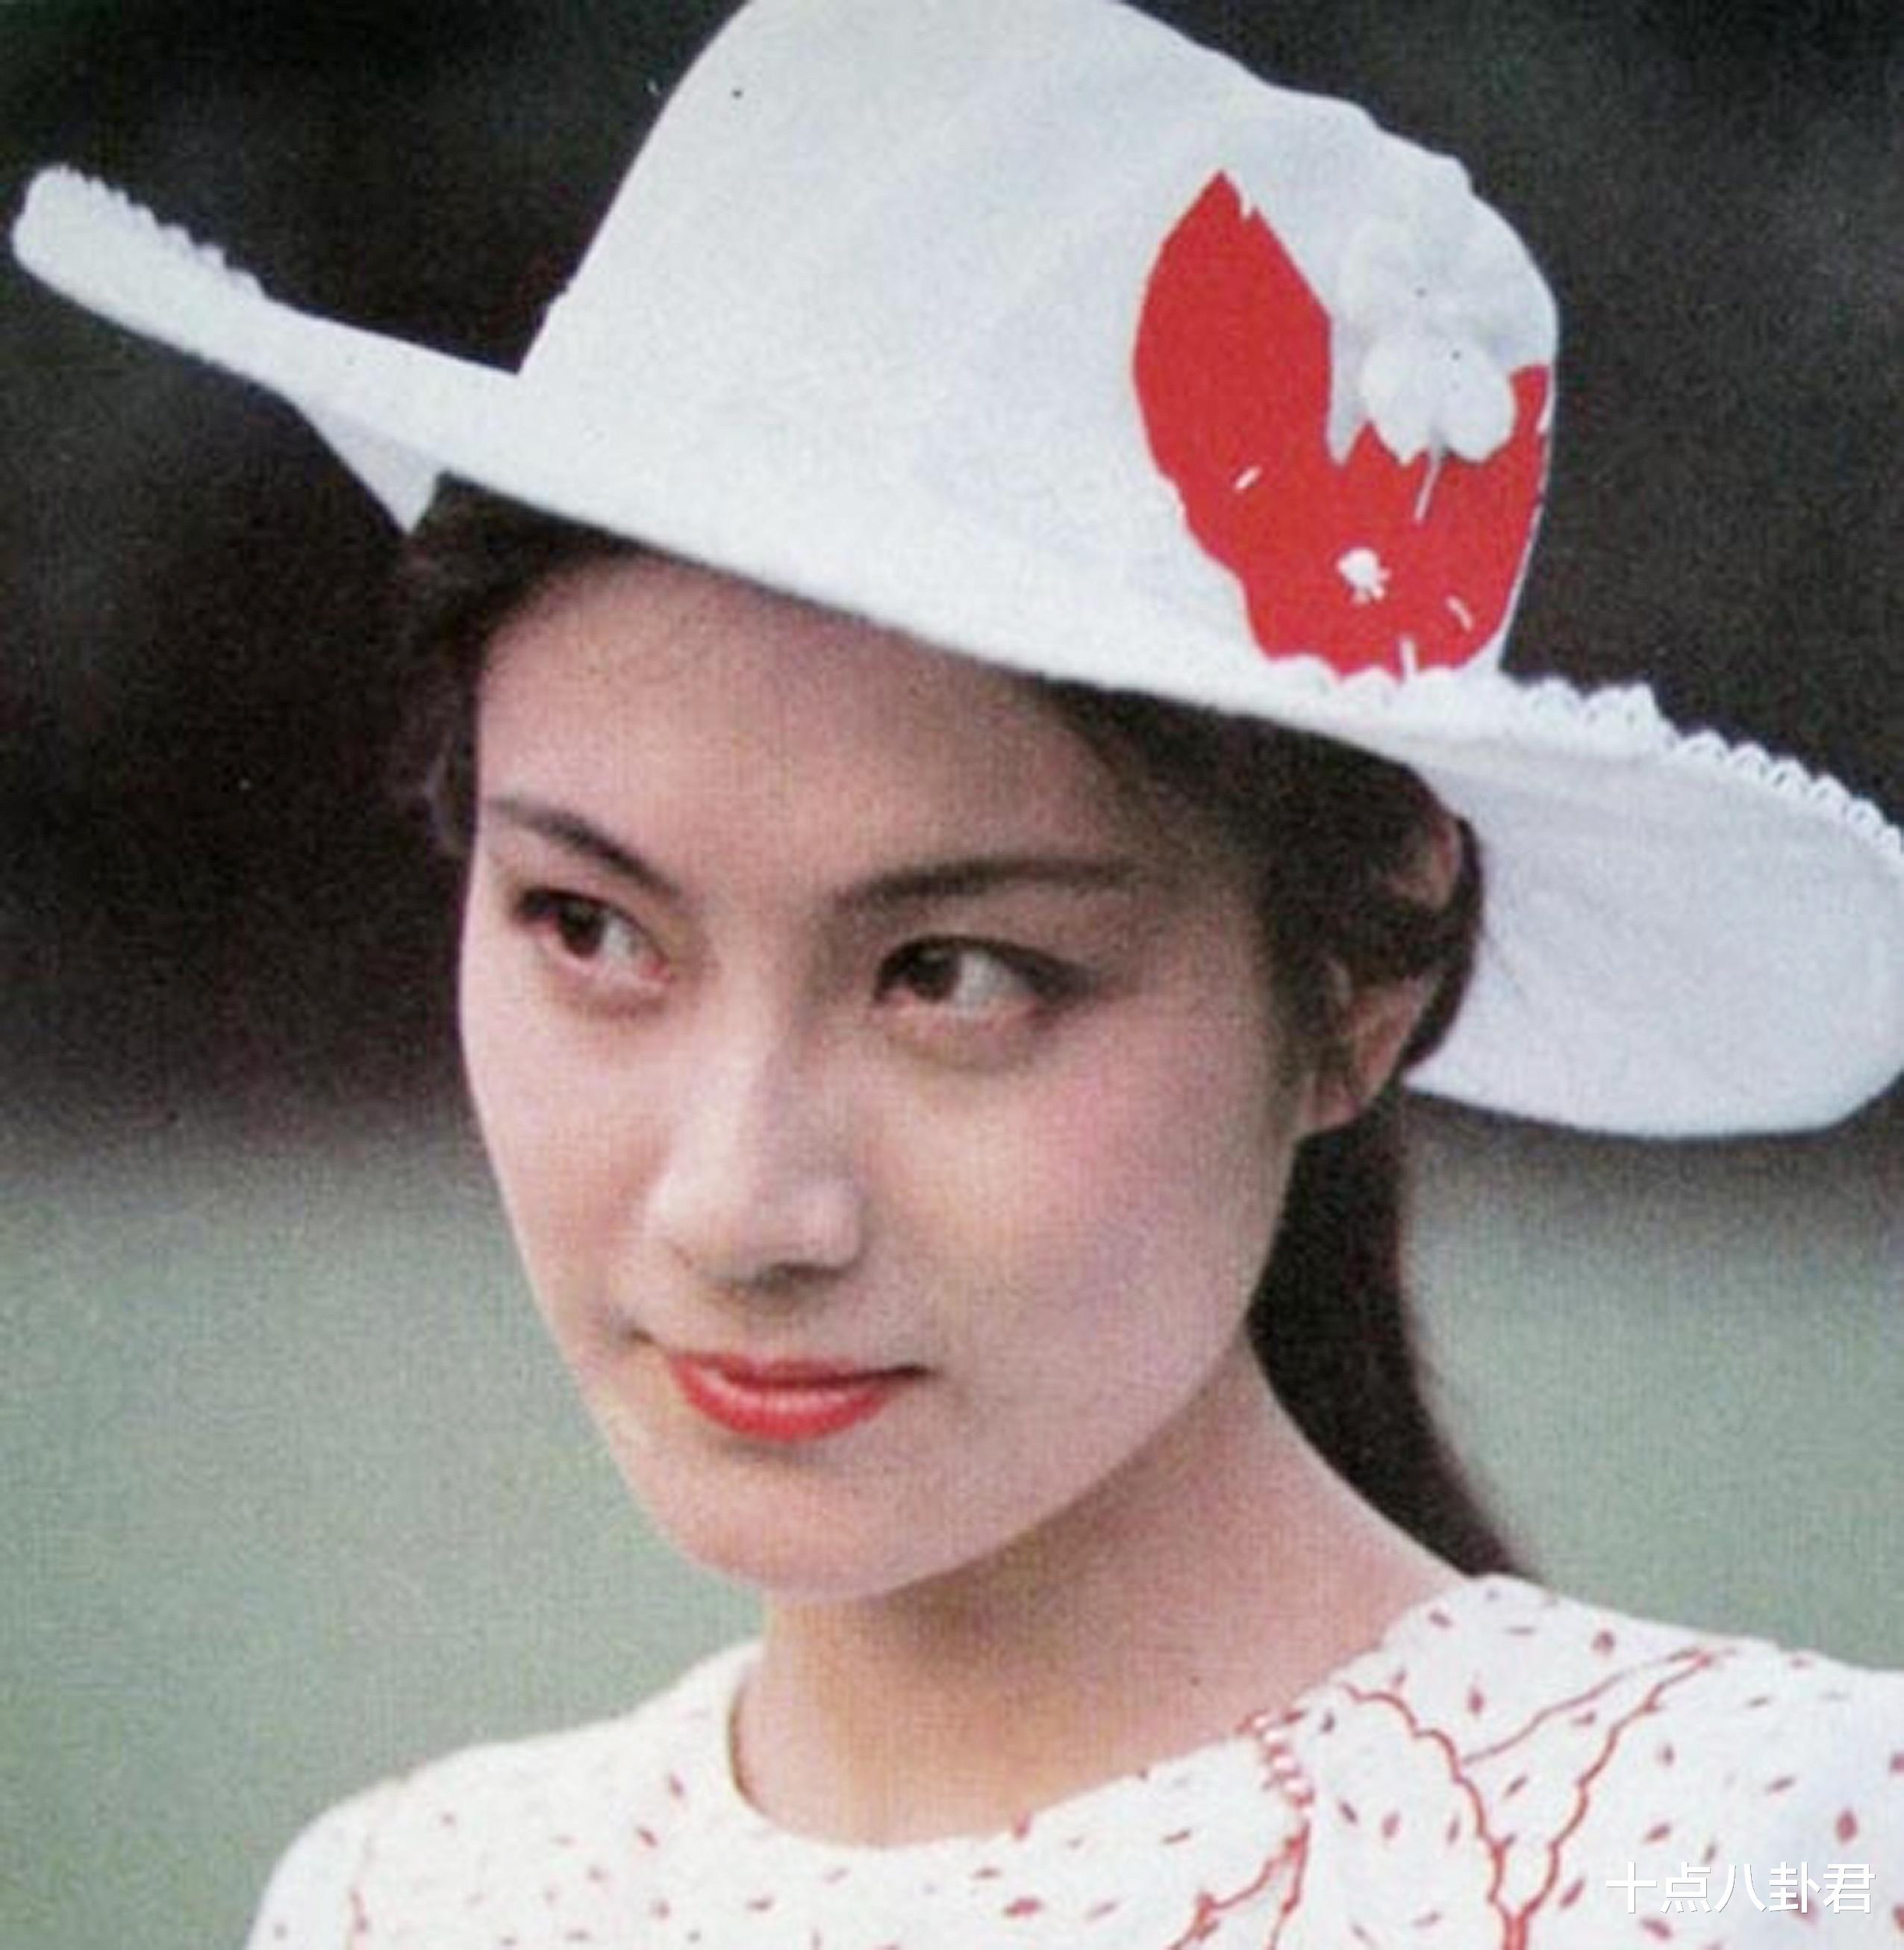 80年代女演員陳燁,出國留學嫁美國人,如今65歲怎麼樣瞭?-圖21